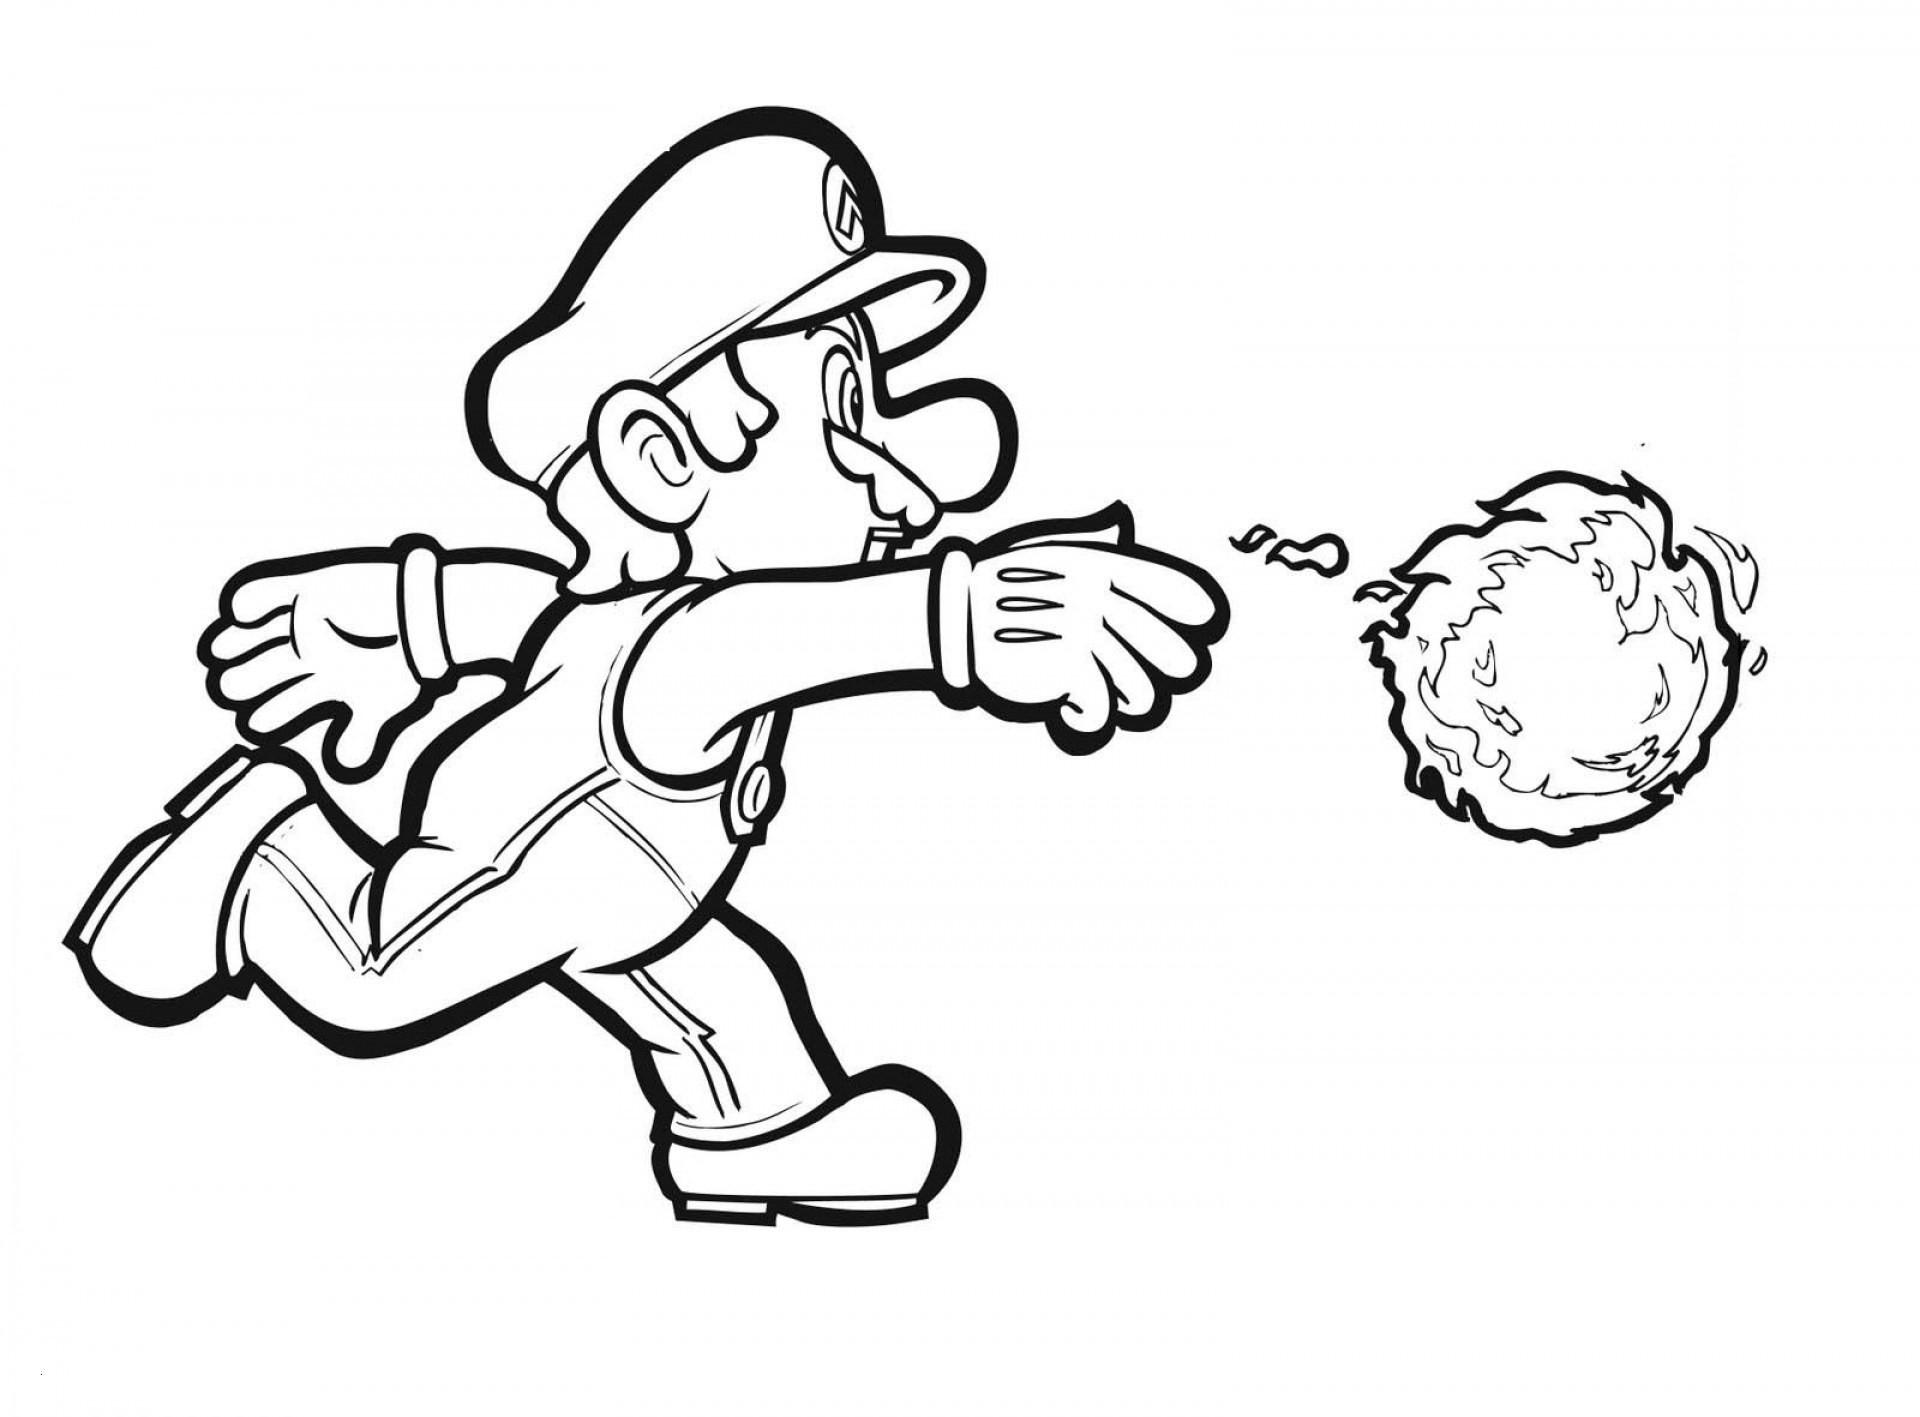 Super Mario Malvorlagen Frisch Super Mario Malvorlagen Genial Baby Mario Ausmalbilder Genial Fotos